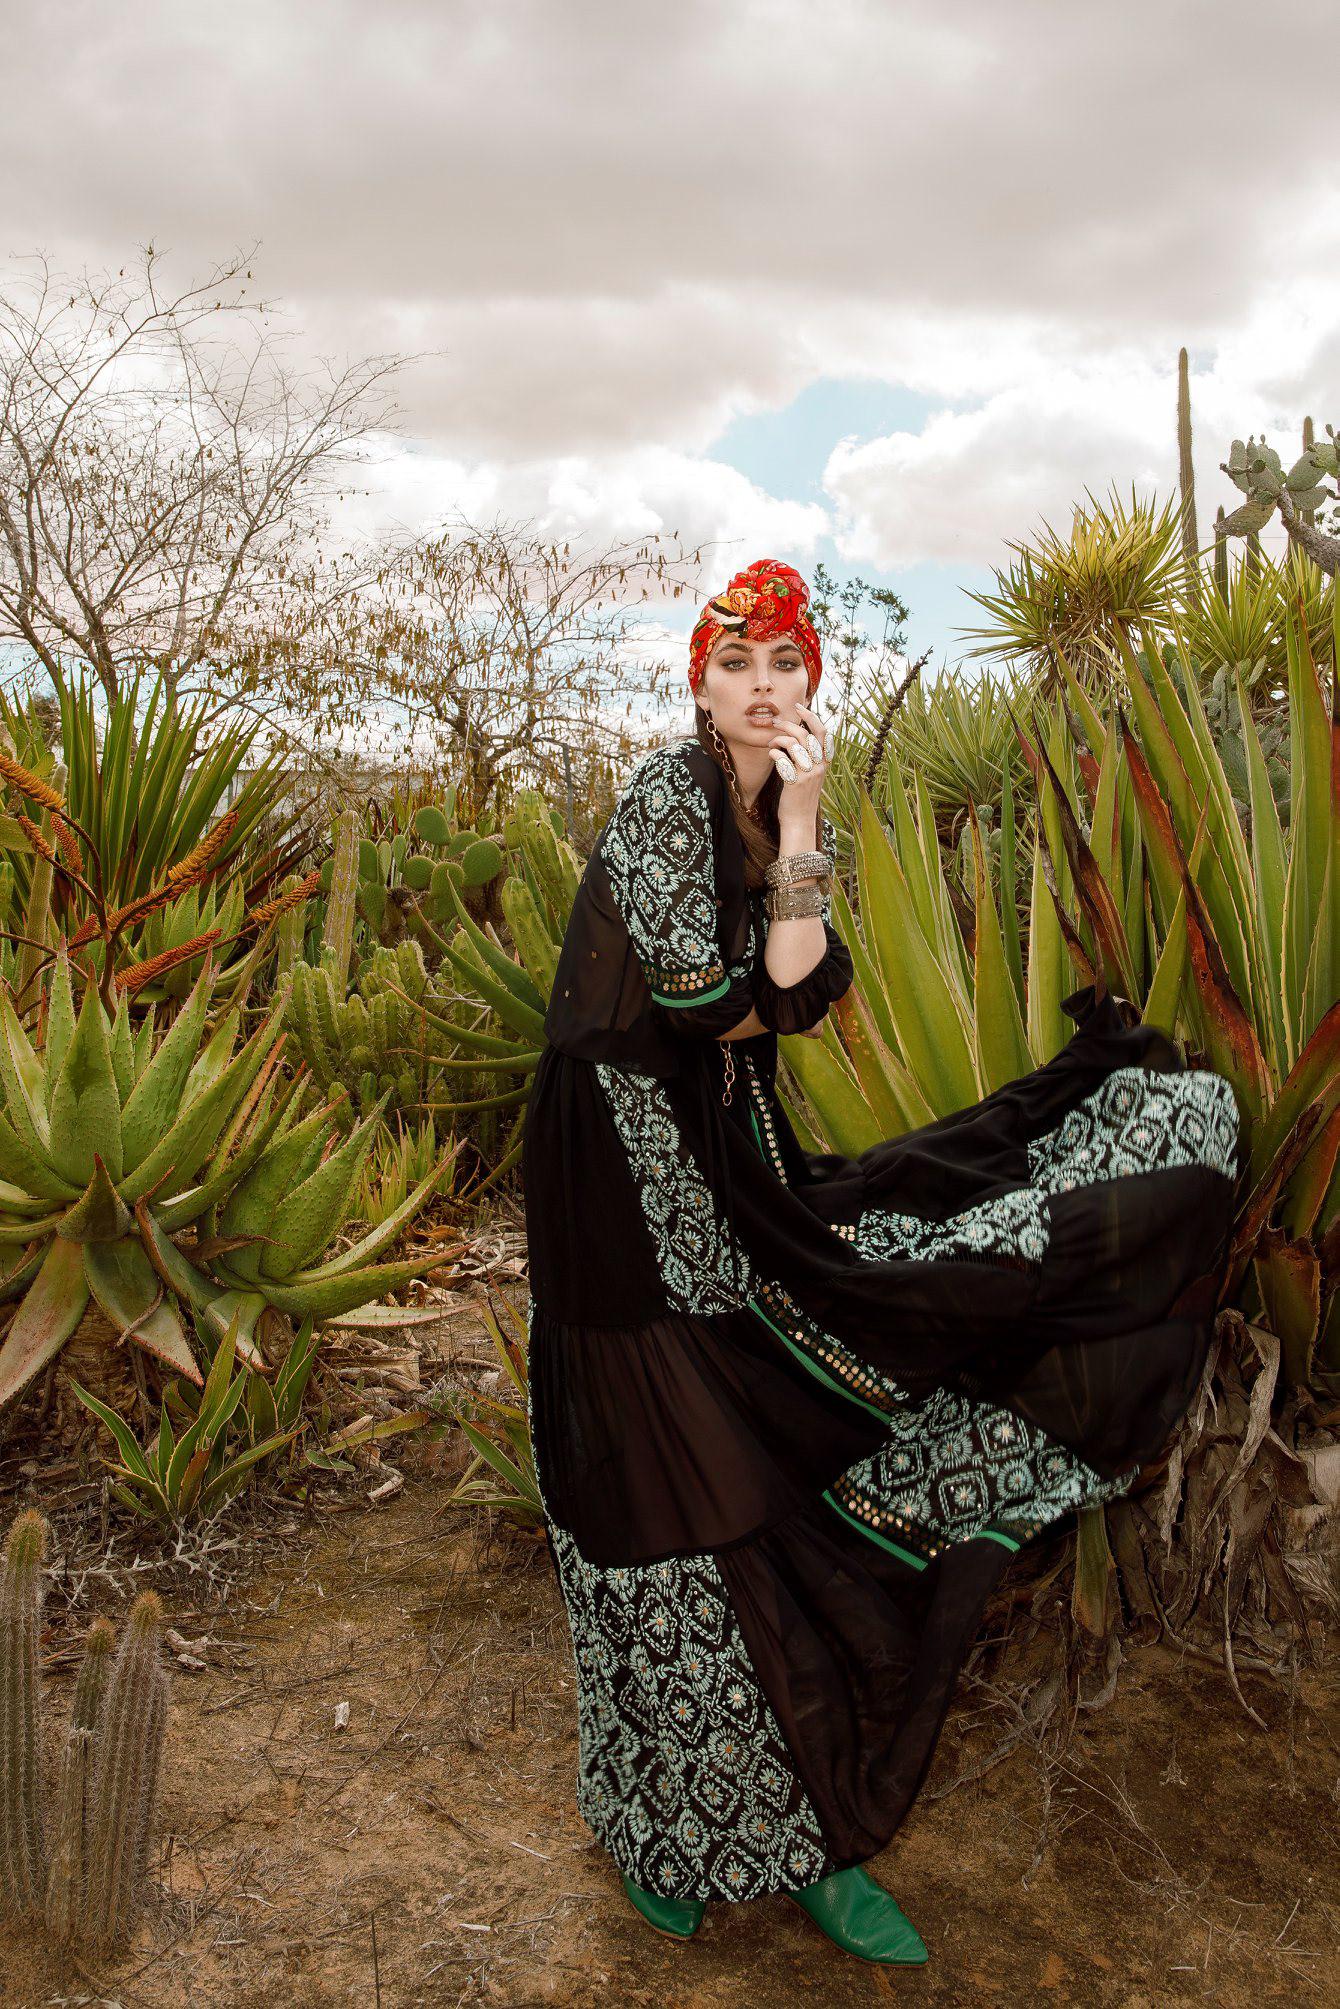 Model Lee Rokach Elinor Shahar